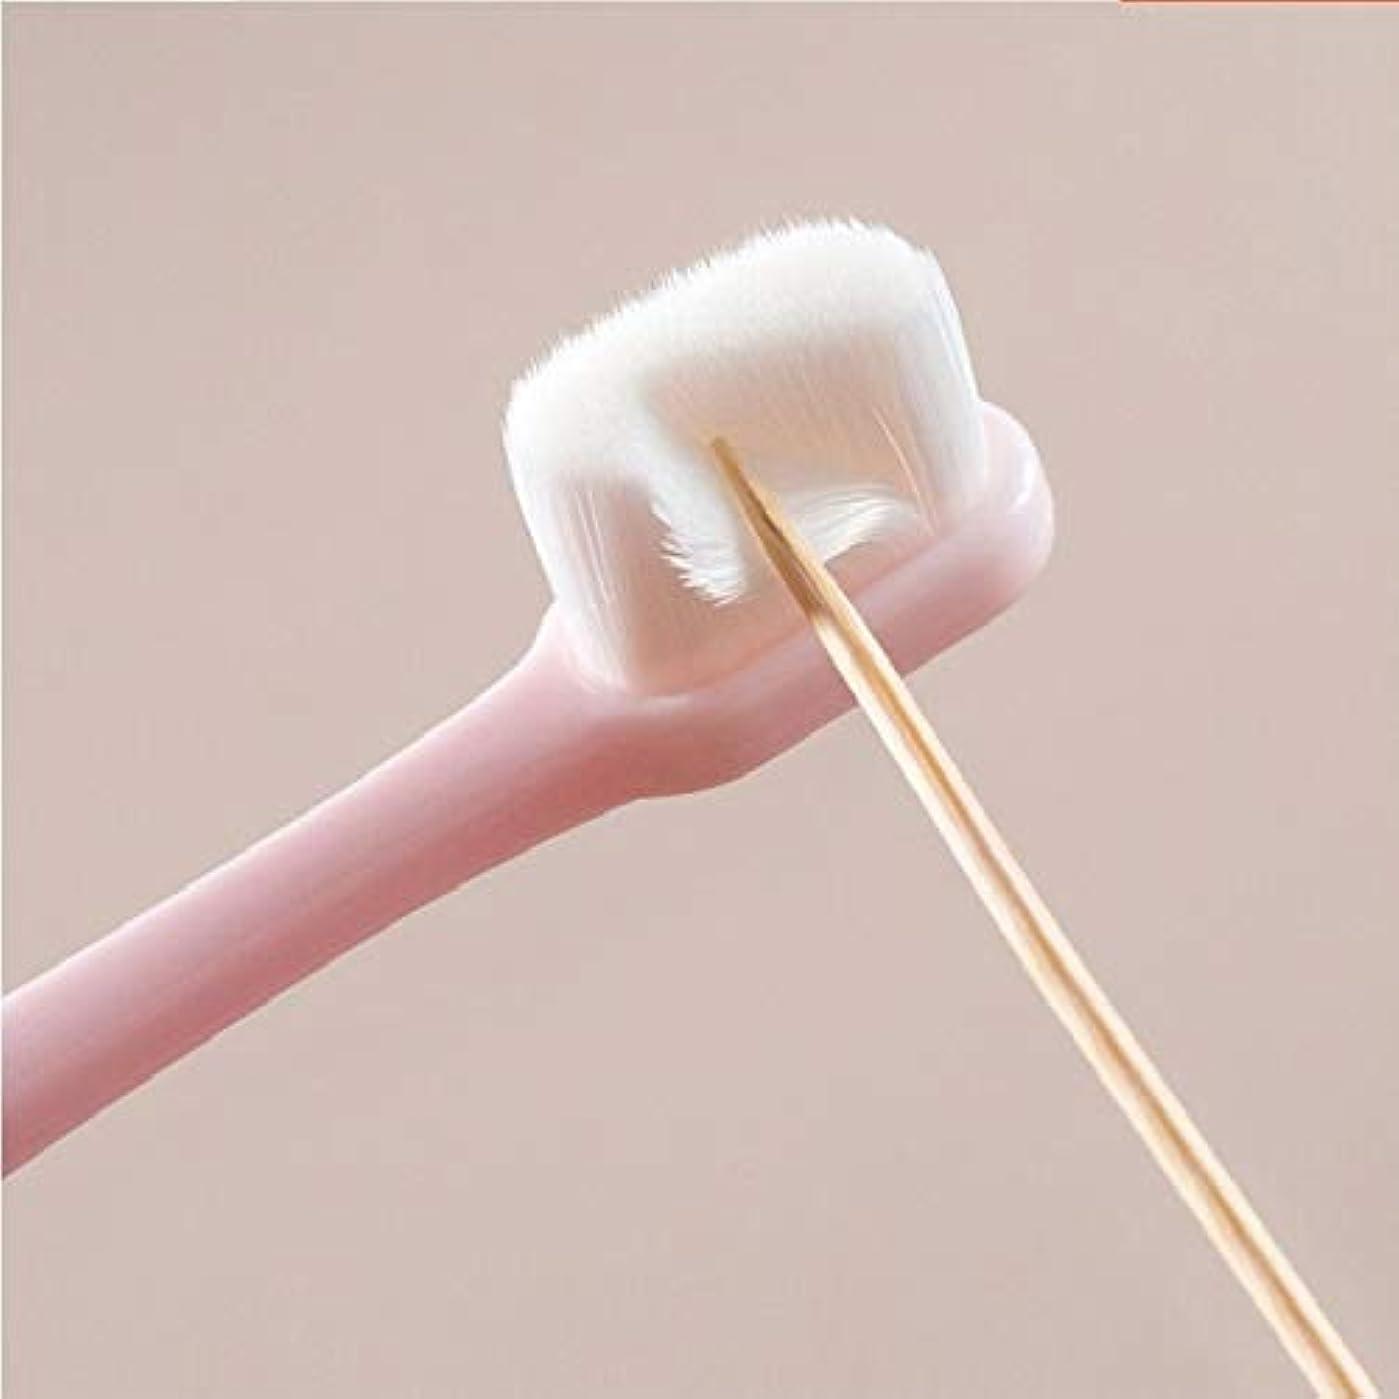 ファンブル復活趣味YPZHEN 妊娠中の女性と子供のスーパーソフト歯ブラシのホームバージョン (色 : ピンク)